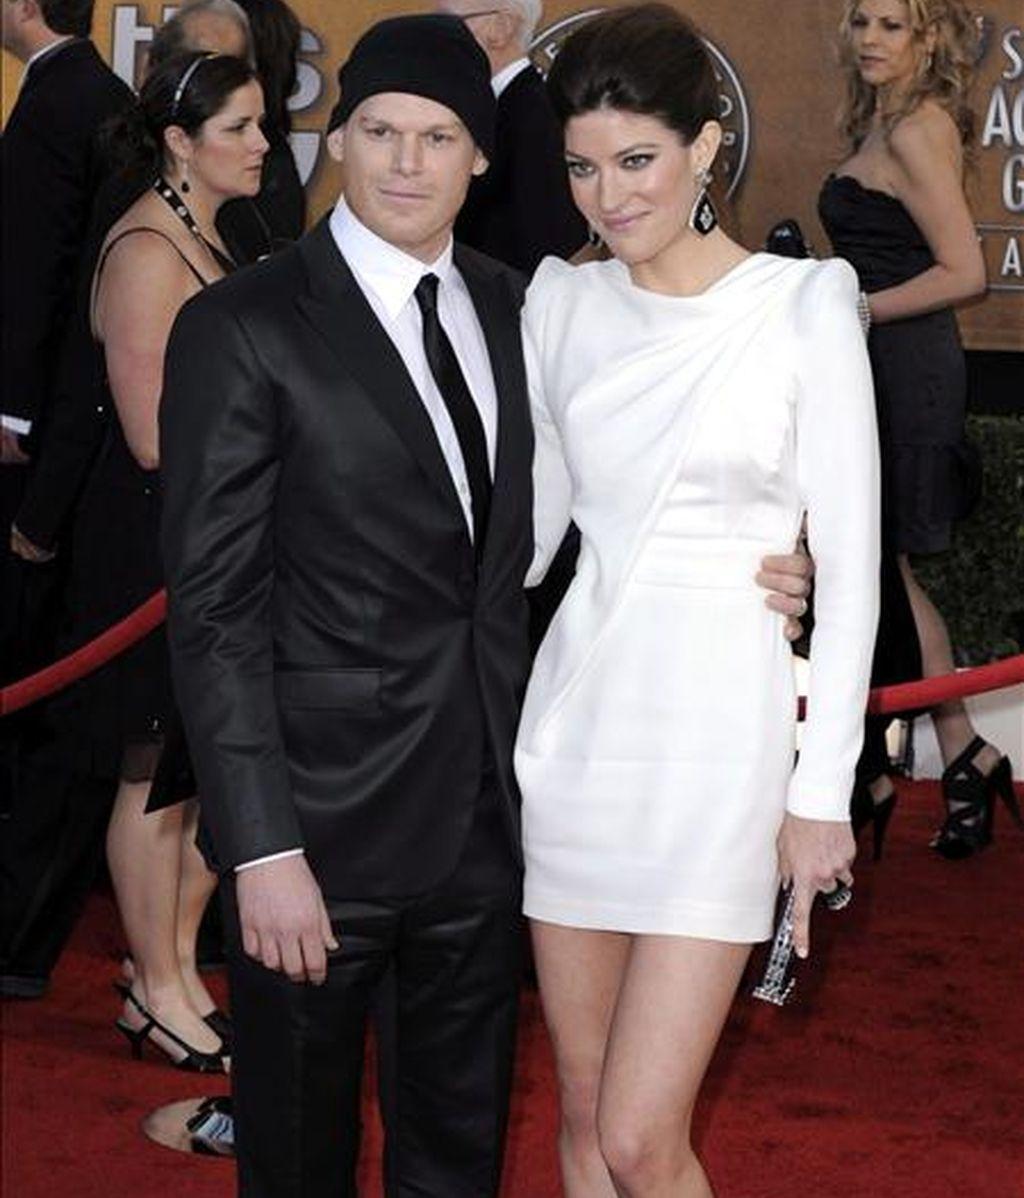 En la imagen, la actriz estadounidense Jennifer Carpenter y su esposo, el también actor Michael C. Hall. EFE/Archivo